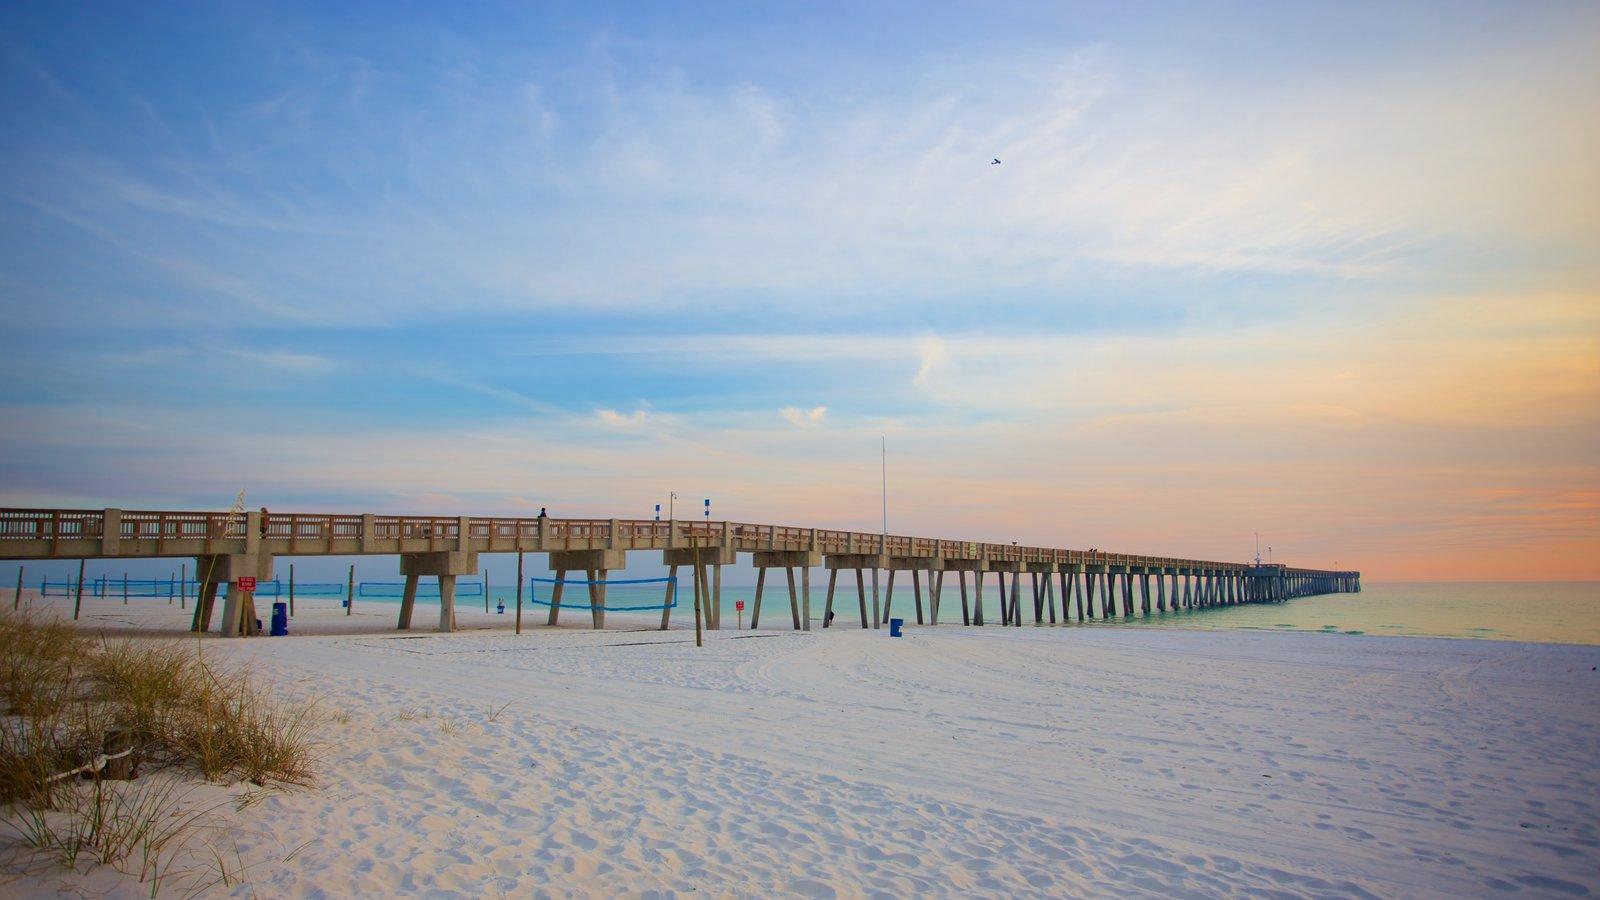 Pier Park caracterizando um pôr do sol e uma praia de areia